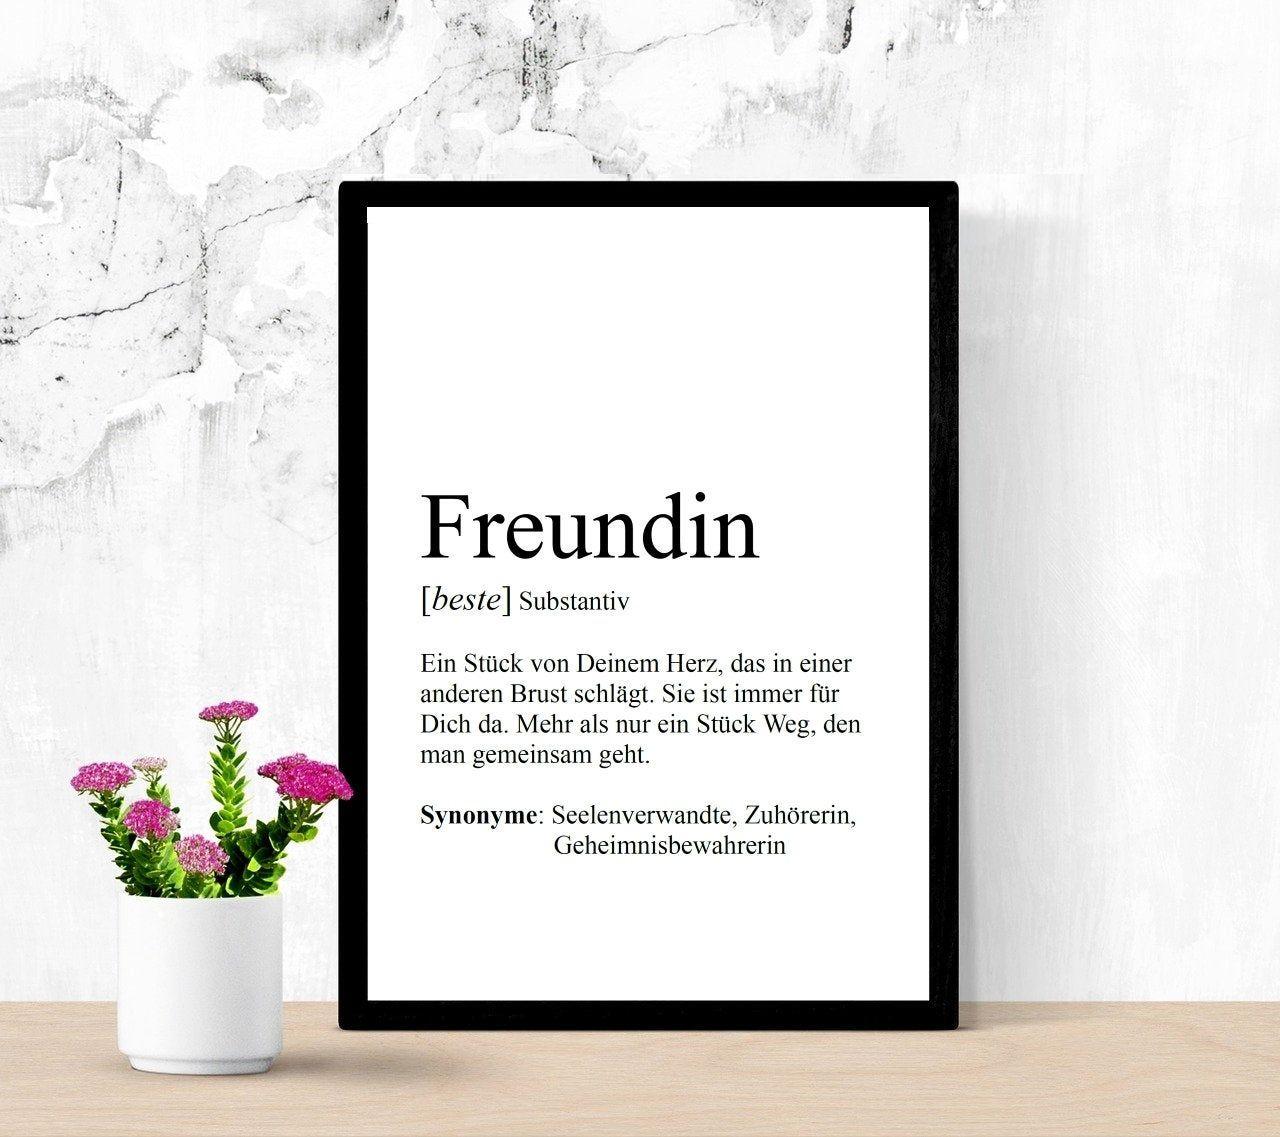 Bild FREUNDIN, Definition,personalisierbar, Print, Geschenk